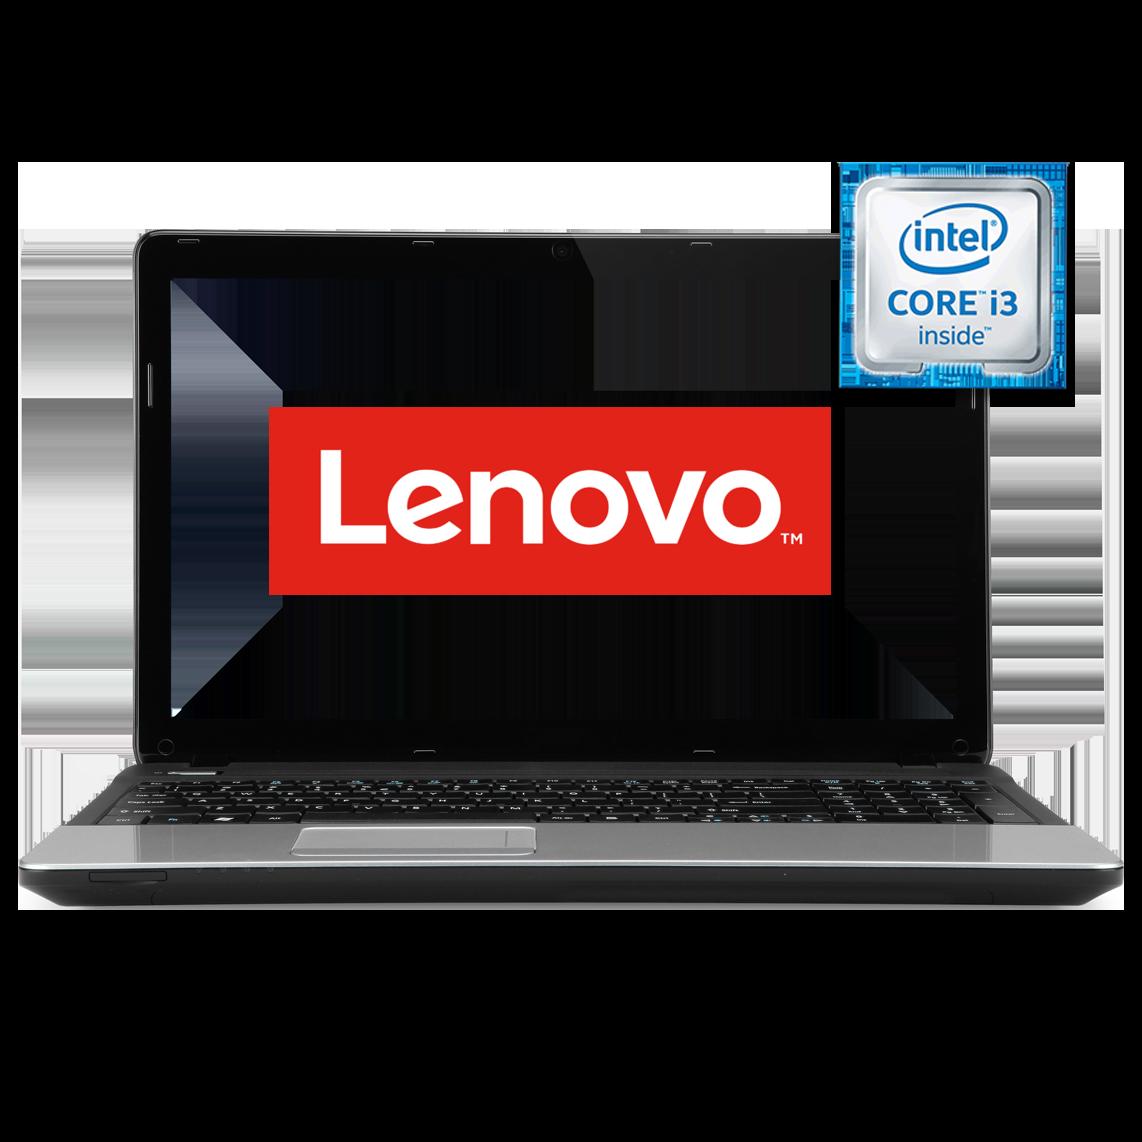 Lenovo - 14 inch Core i3 5th Gen